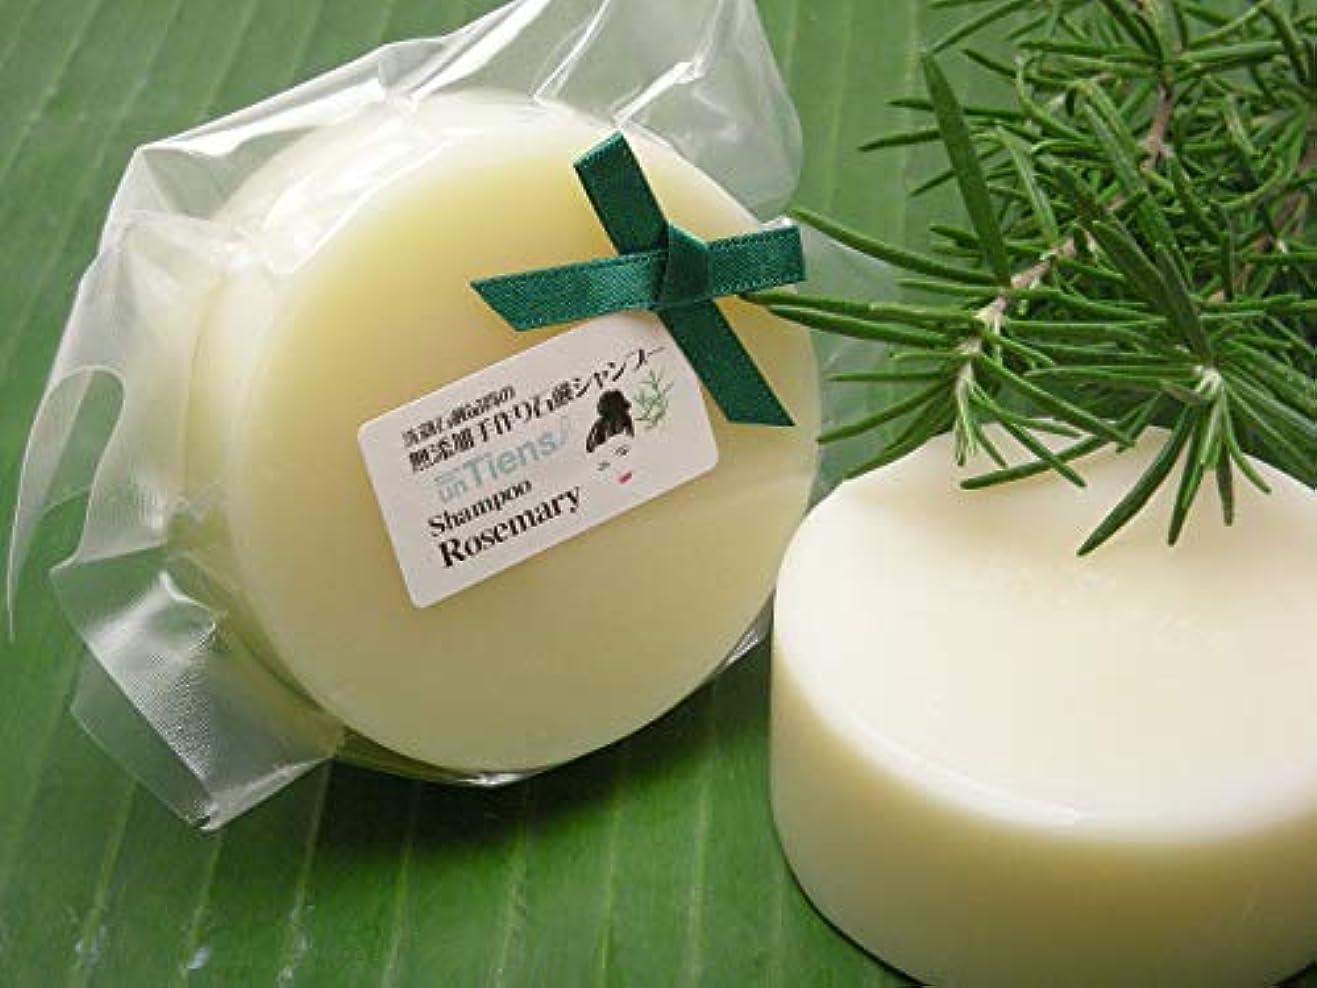 十億浸したポータブル洗顔石鹸品質の無添加手作り固形石鹸シャンプー 「ローズマリー」たっぷり使える丸型100g